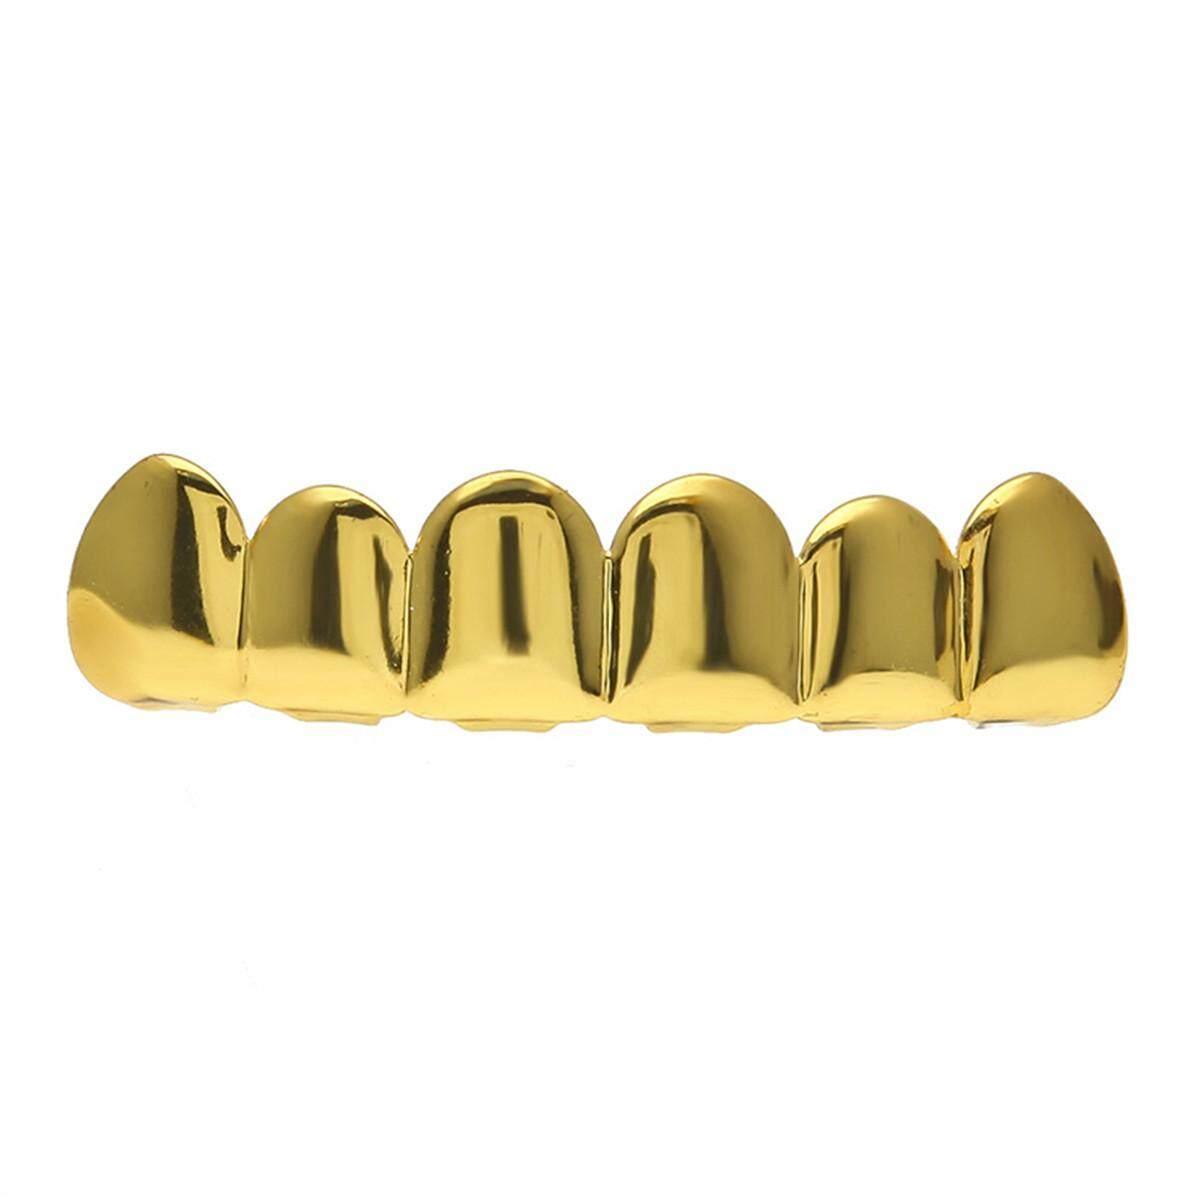 Hình ảnh Mạ vàng Hip Hop Răng Khuôn Răng Nón & Răng Dưới Vỉ Nướng Trang Trí Tiệc # Vàng Trên Răng